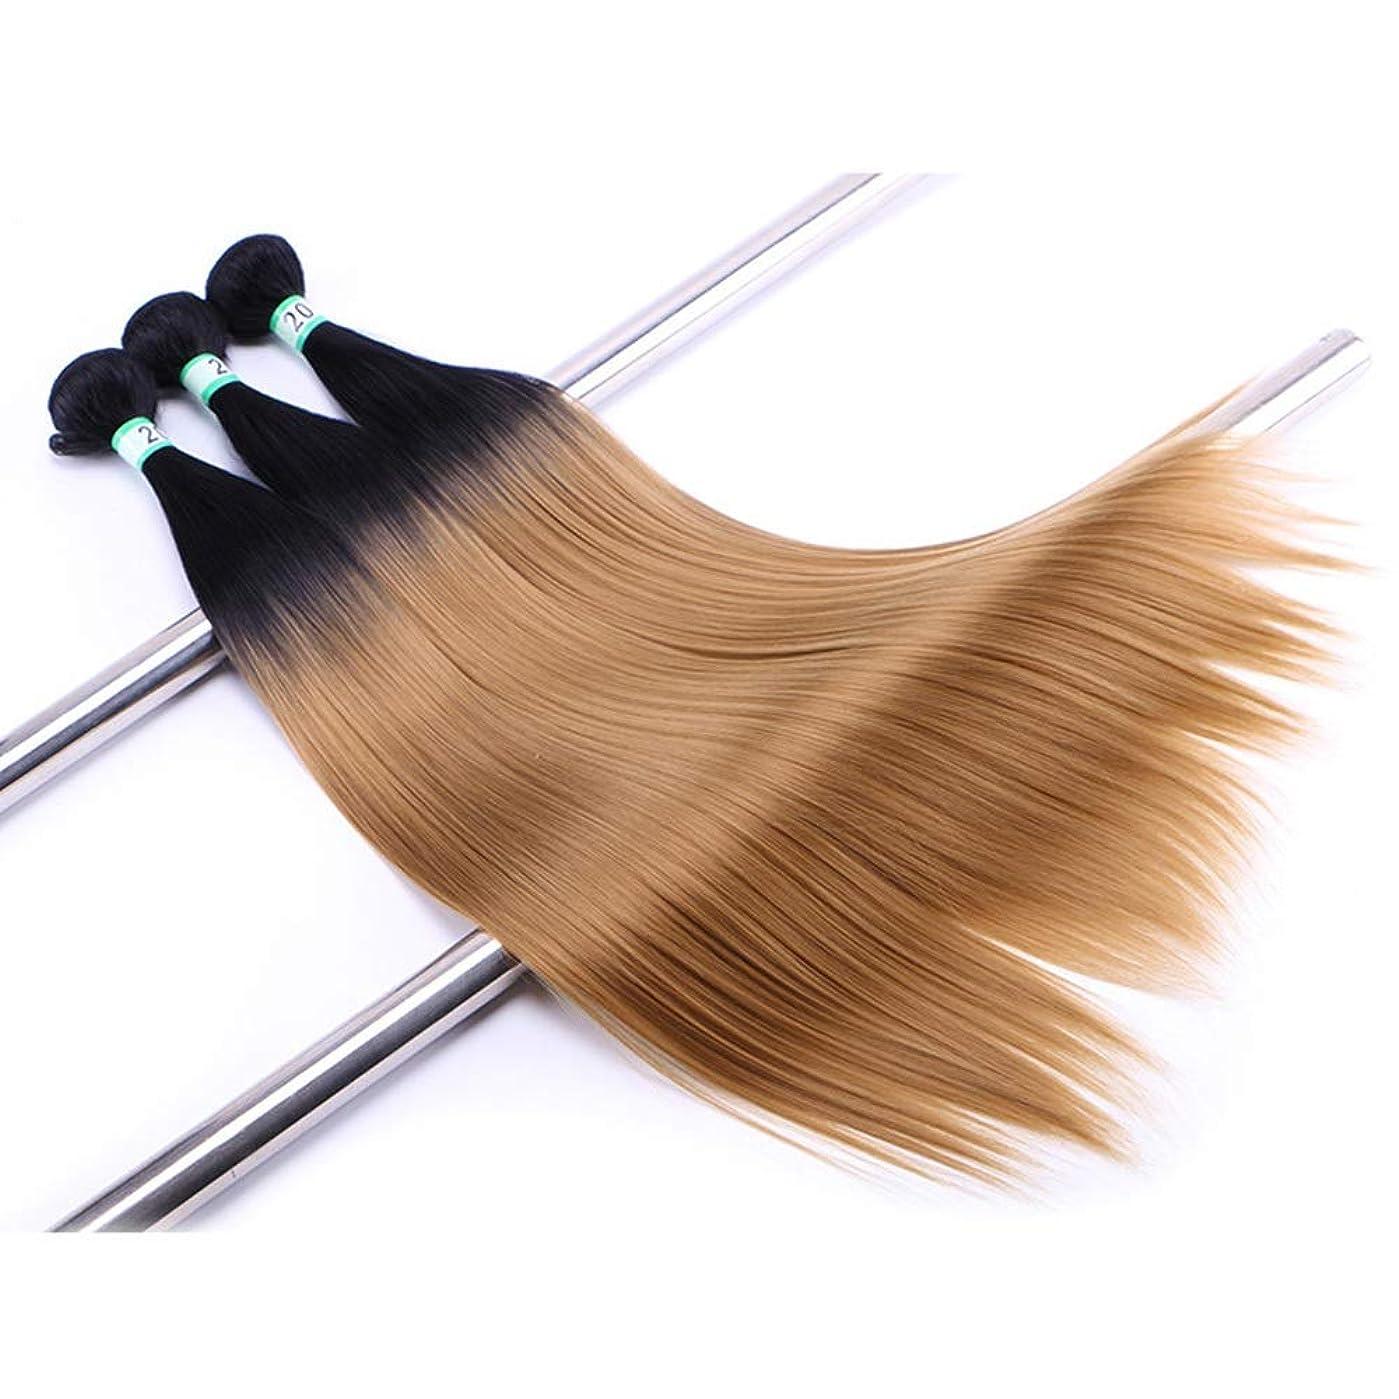 コインギャング公爵夫人BOBIDYEE ヘアエクステンション織りバンドルブロンドナチュラルヘア横糸ストレートクリップなし(3バンドル)合成髪レースかつらロールプレイングウィッグロングとショート女性自然 (色 : Blonde, サイズ : 22inch)